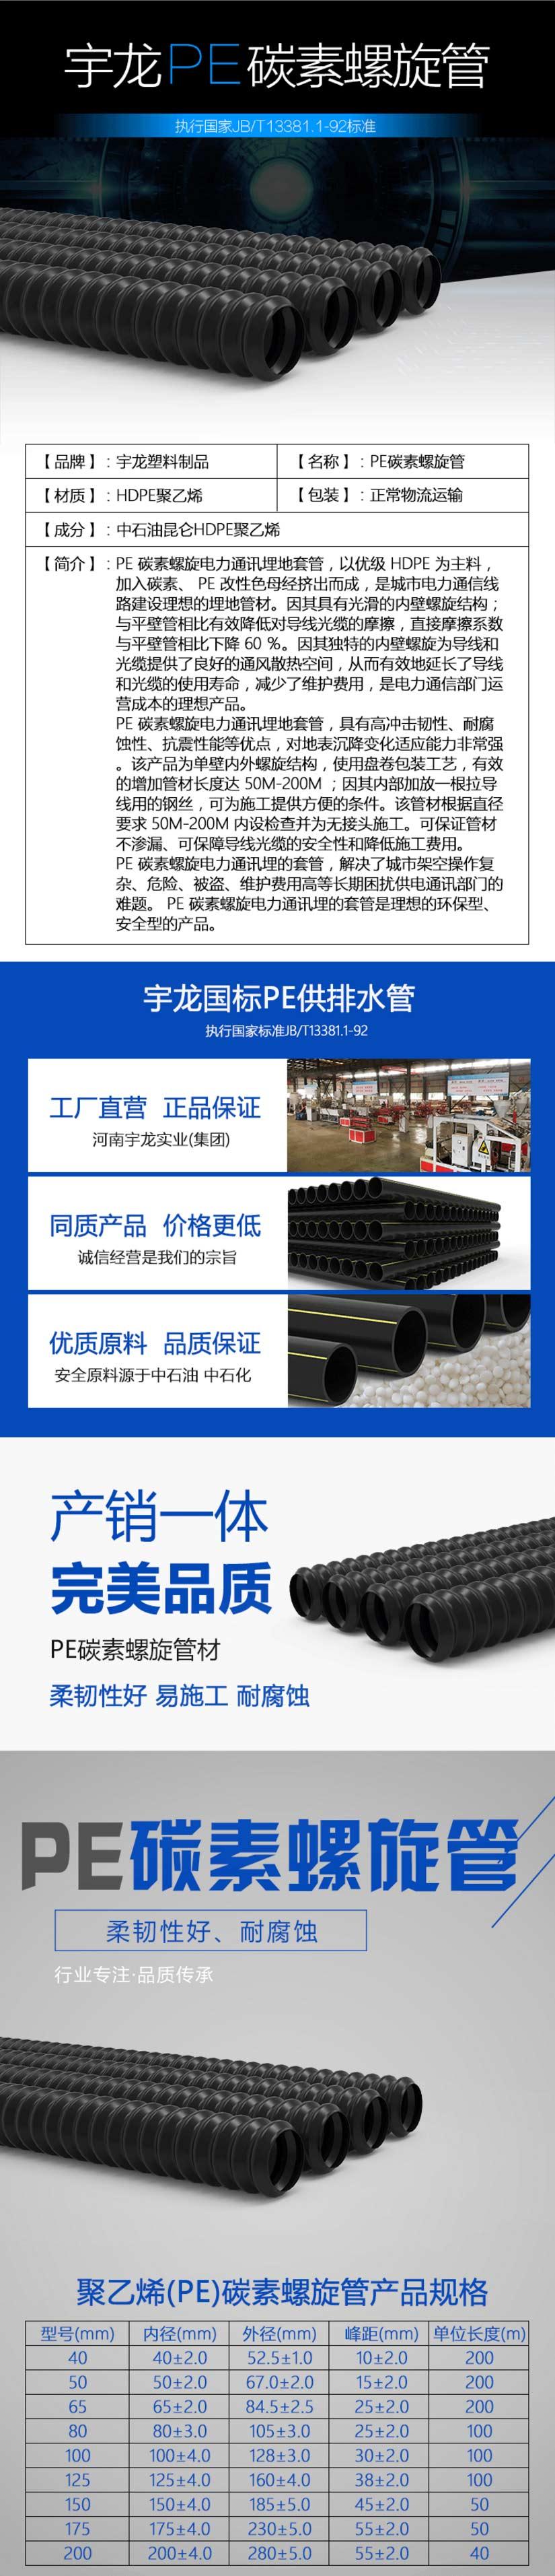 碳素螺旋管_碳素管保护管厂家优质电力碳素80---阿里巴巴.jpg